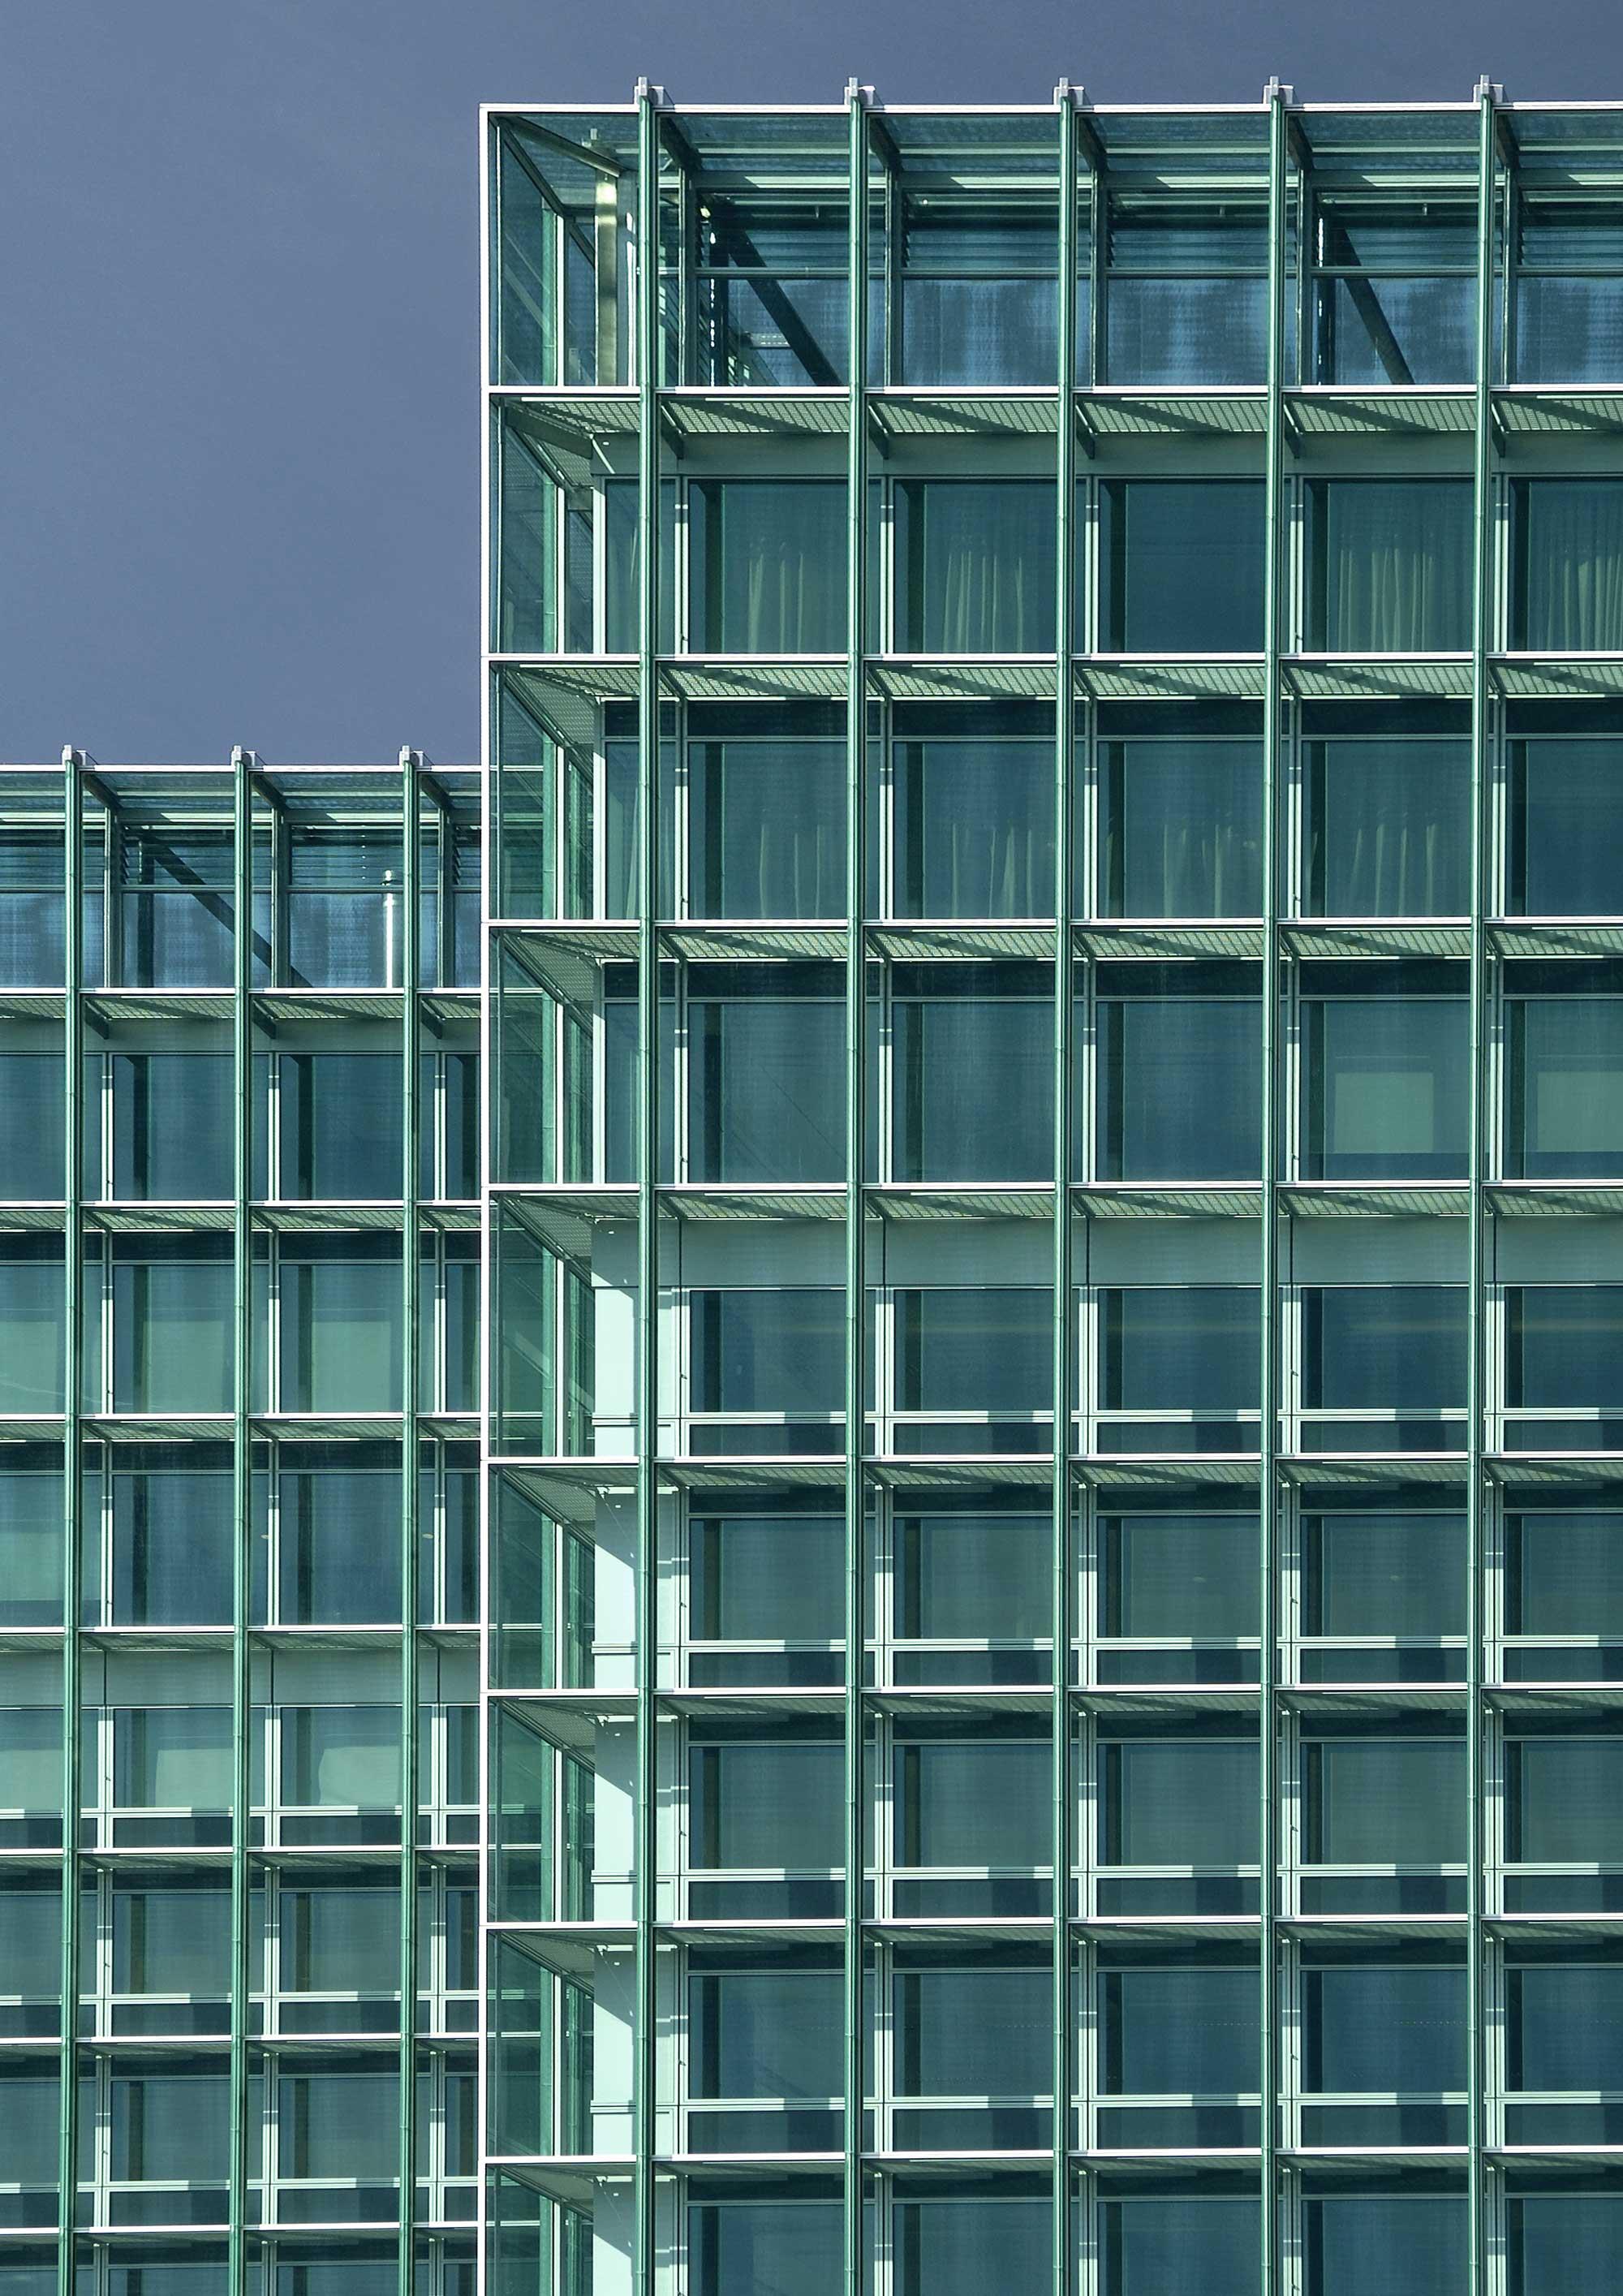 Rolex Acacias - Des vitrages verts, couleur emblématique de Rolex SA, habillent le siège administratif.